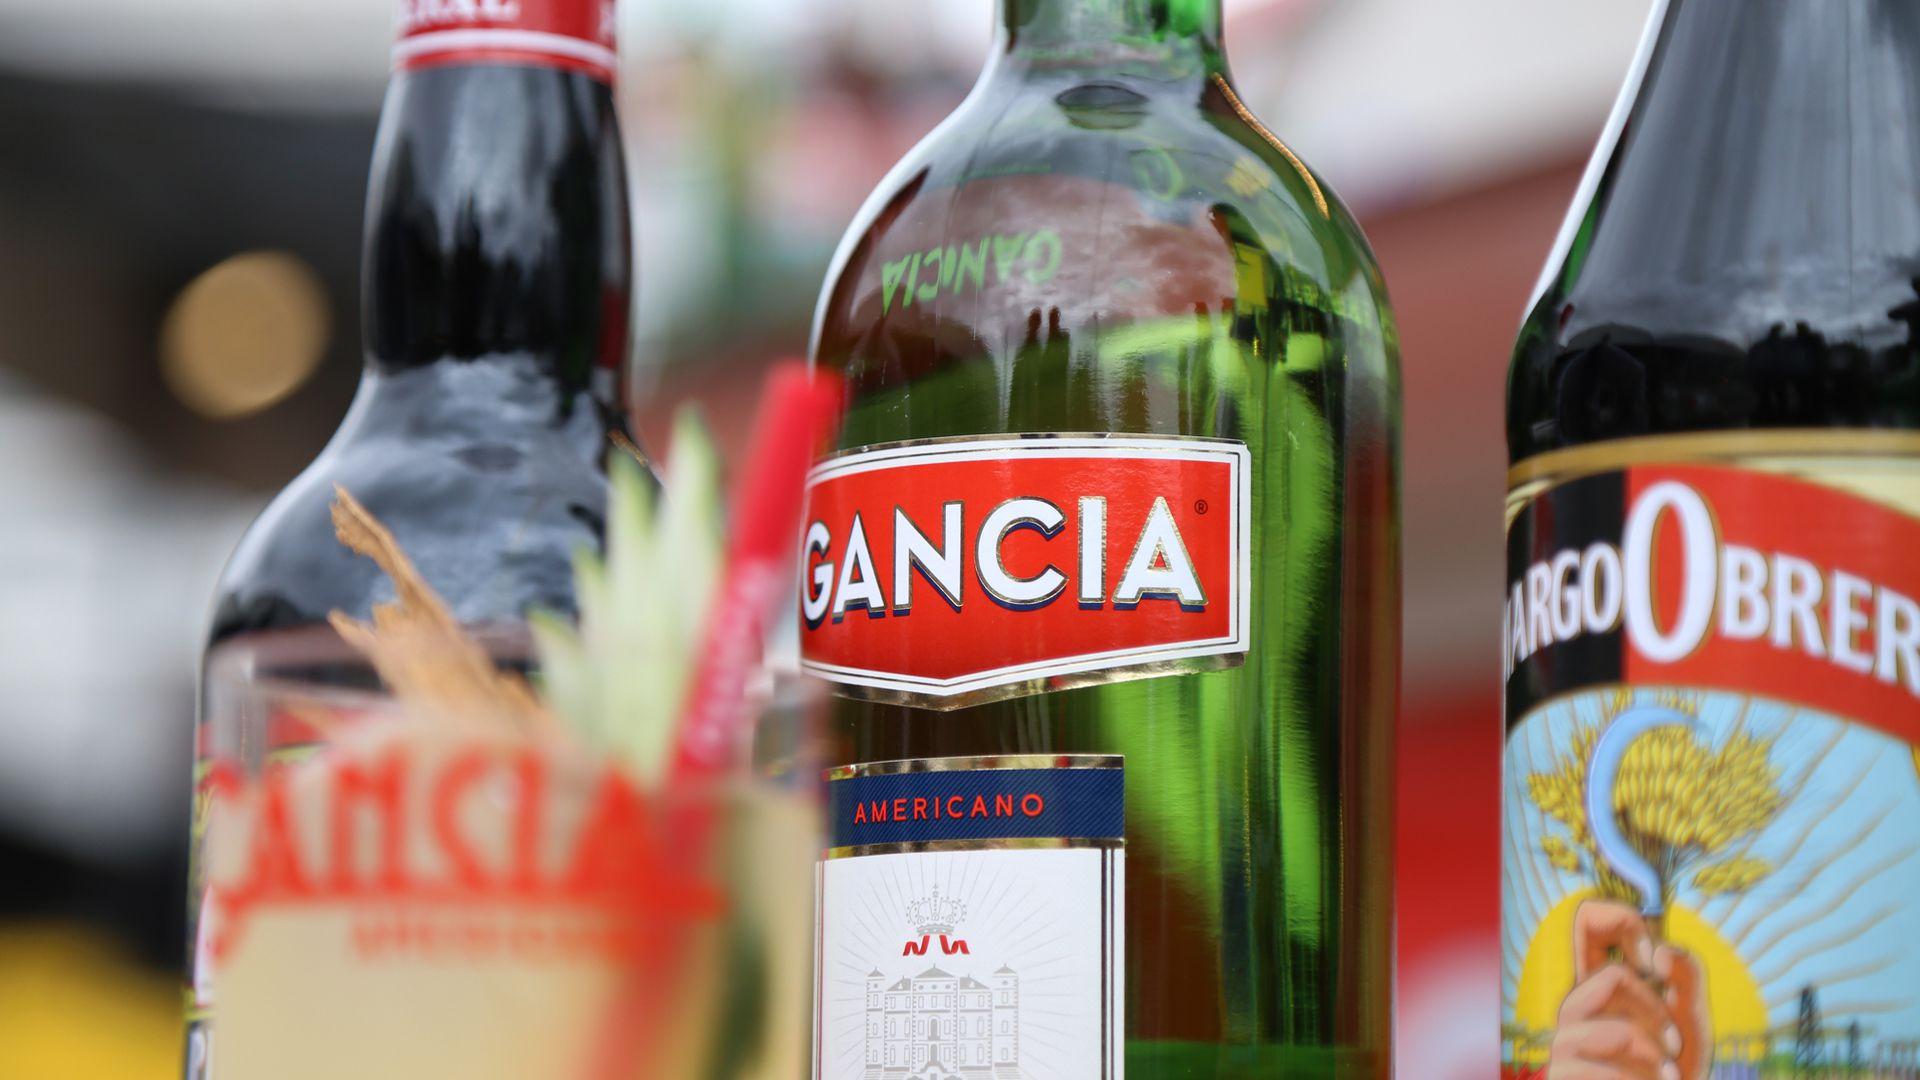 Gancia reivindica e invita a redescubrir los aperitivos nacionales, con los infaltables Americano Gancia, el Spritz, la Hesperidina y el Amargo Obrero